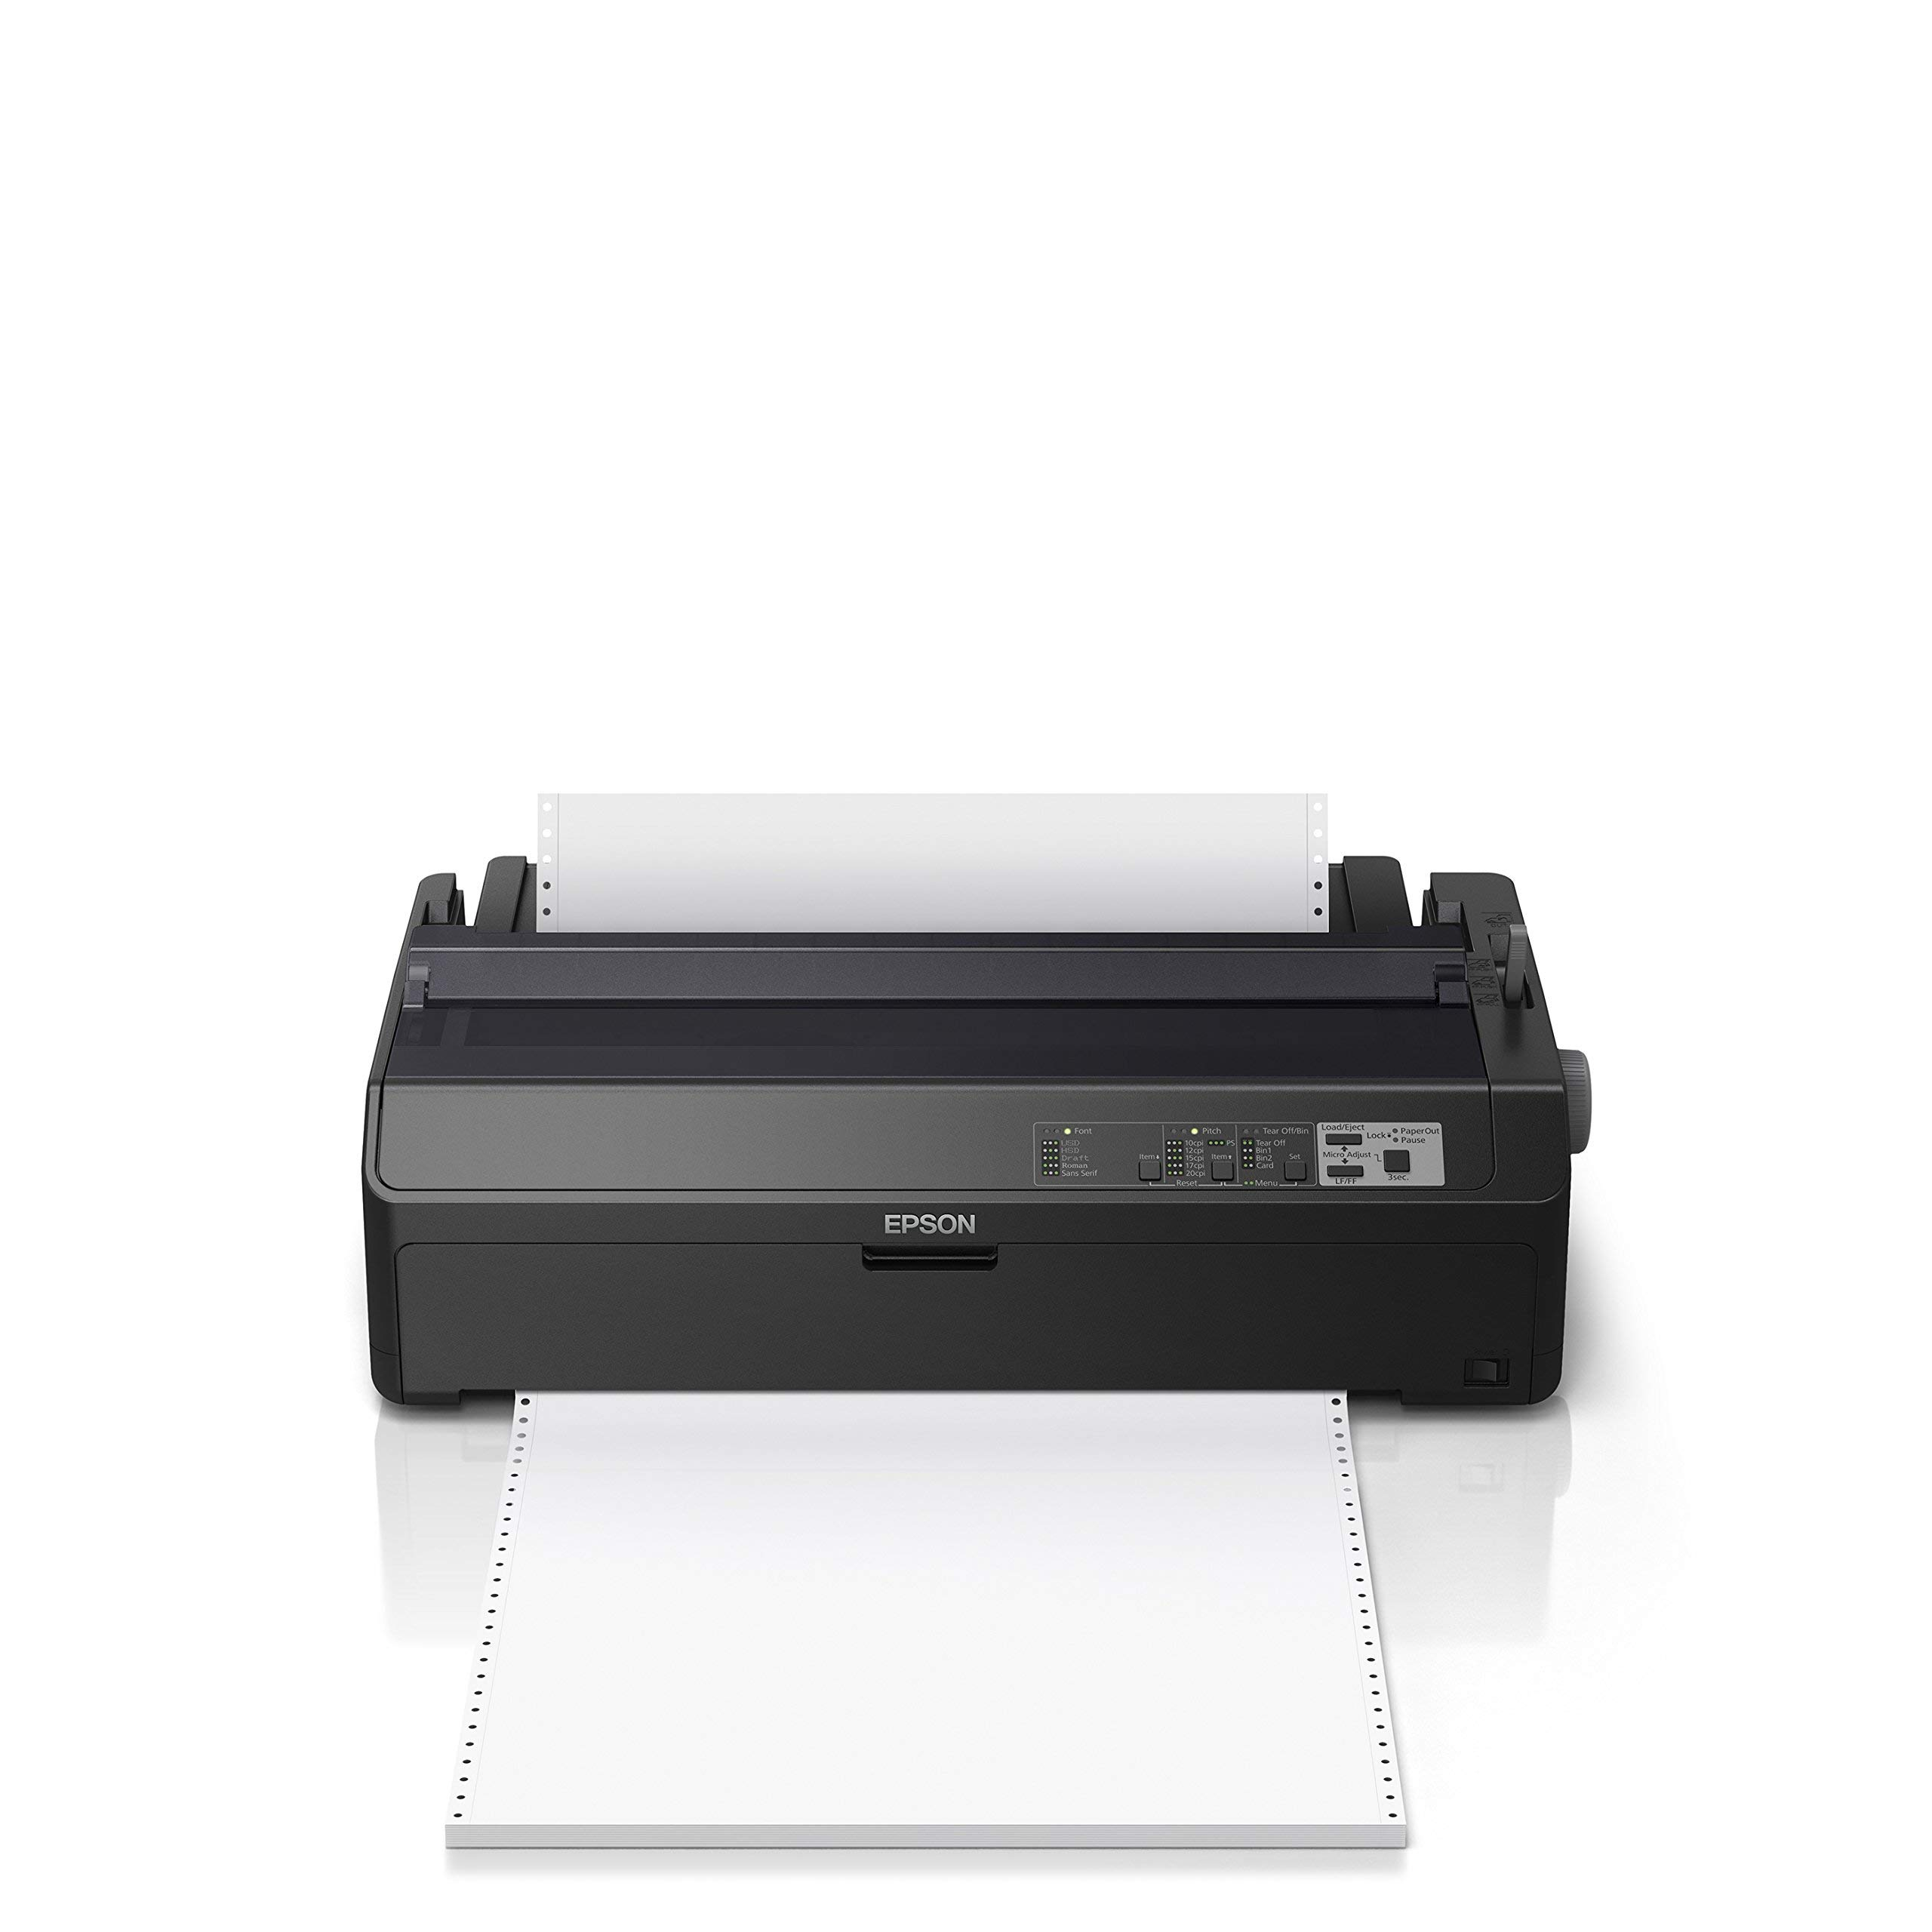 Epson FX-2190II Impact Printer (Renewed)